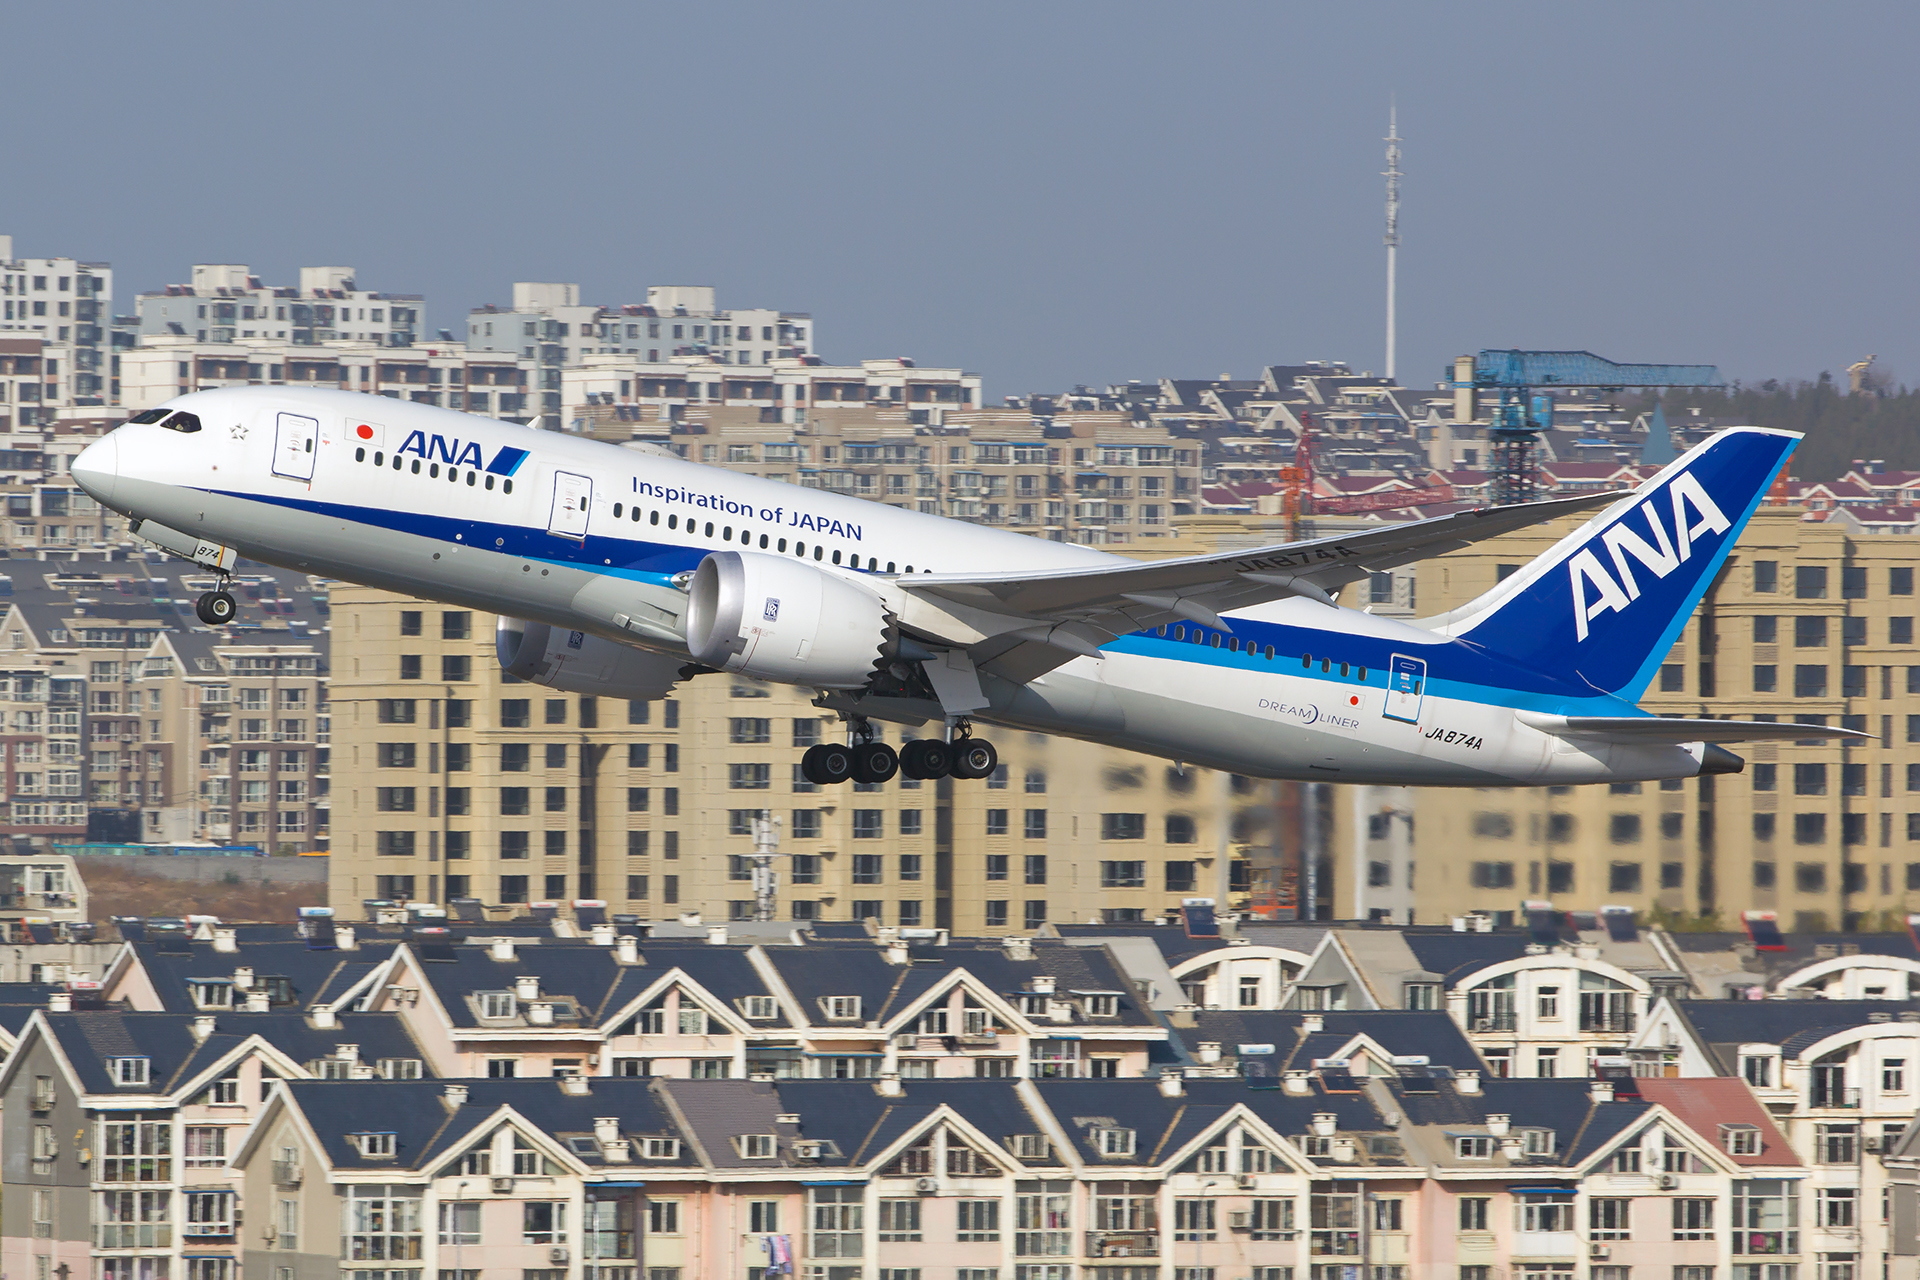 Re:[原创][DLC]。。。ANA全日空787-8首航。。。 BOEING 787-8 JA874A 中国大连国际机场